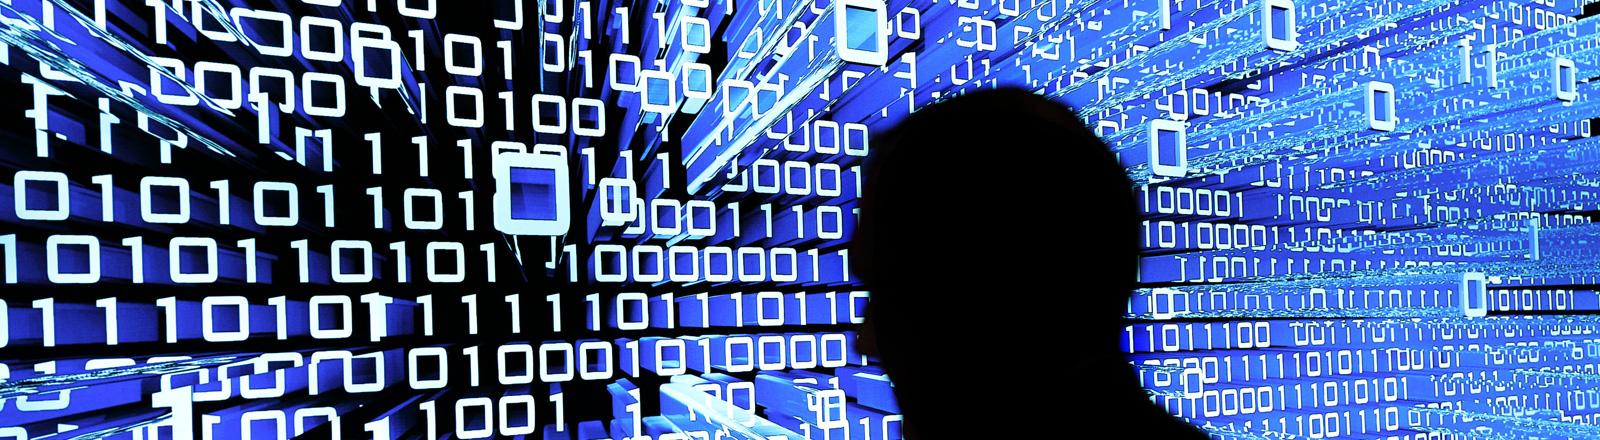 Ein Menschen-Kopf im Schattenriss vor einer Leuchtwand mit Binärcode